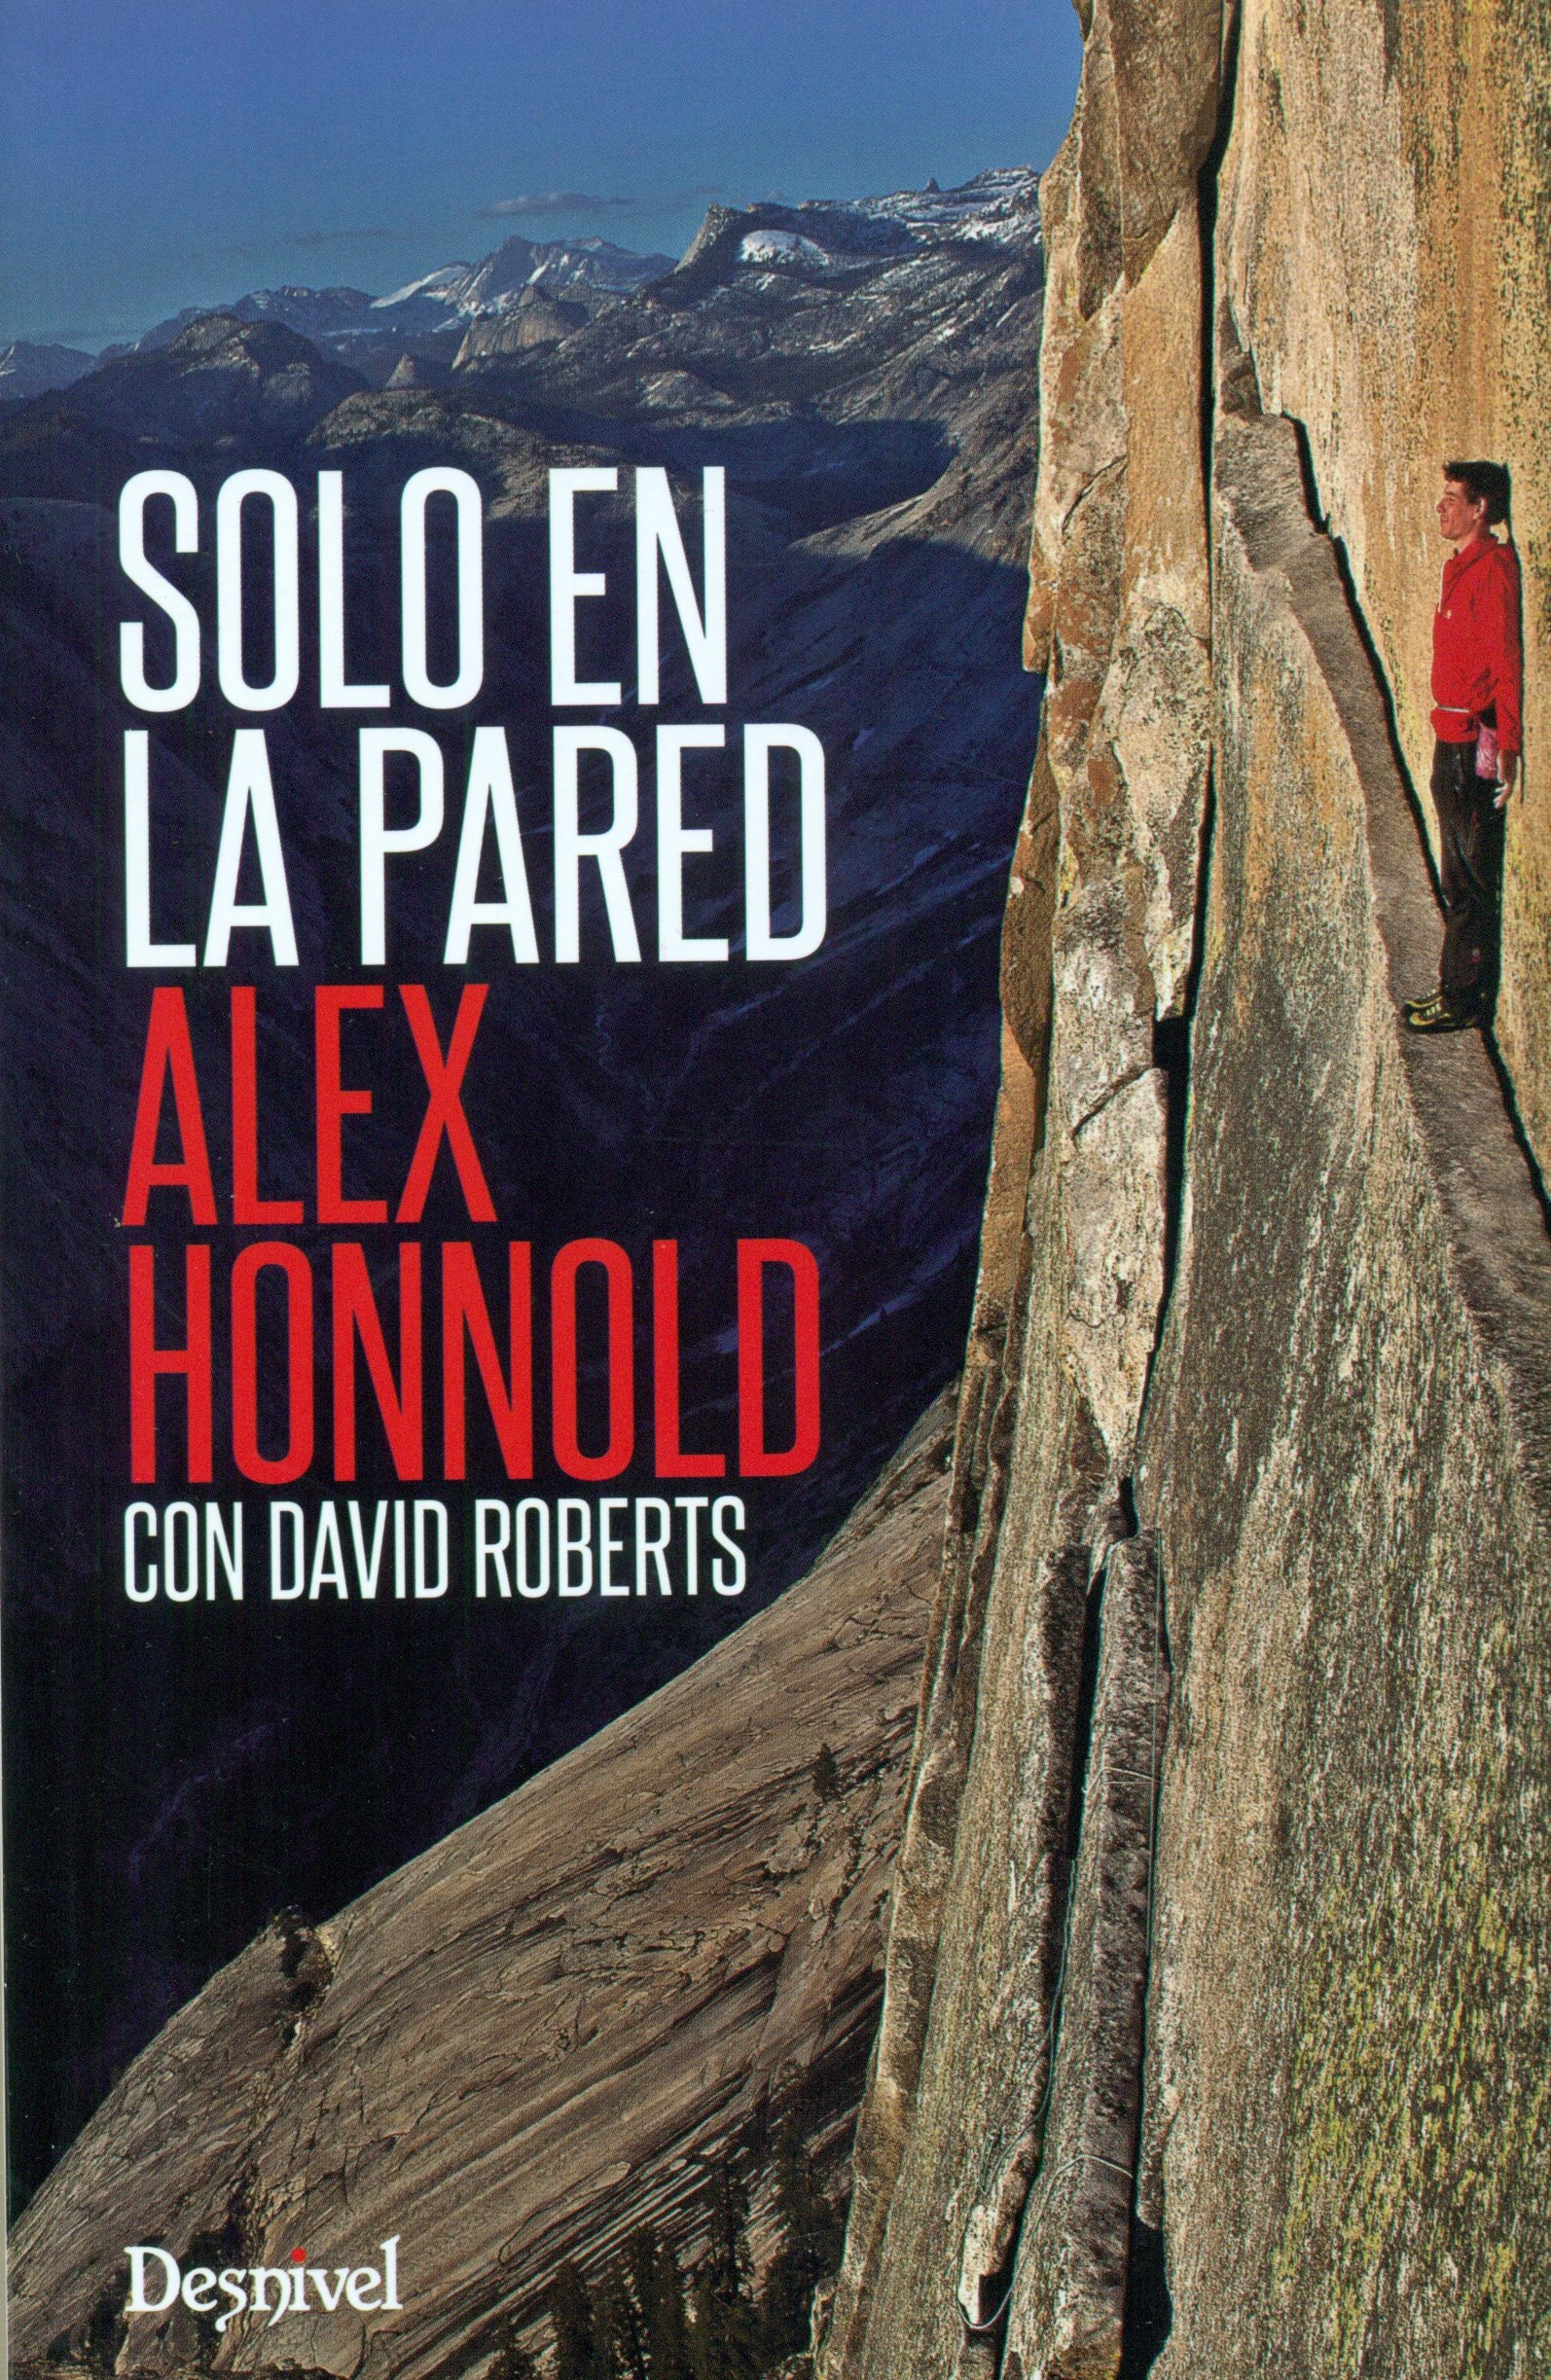 Solo en la pared: Amazon.es: Honnold, Alex, Chapa Huidobro ...